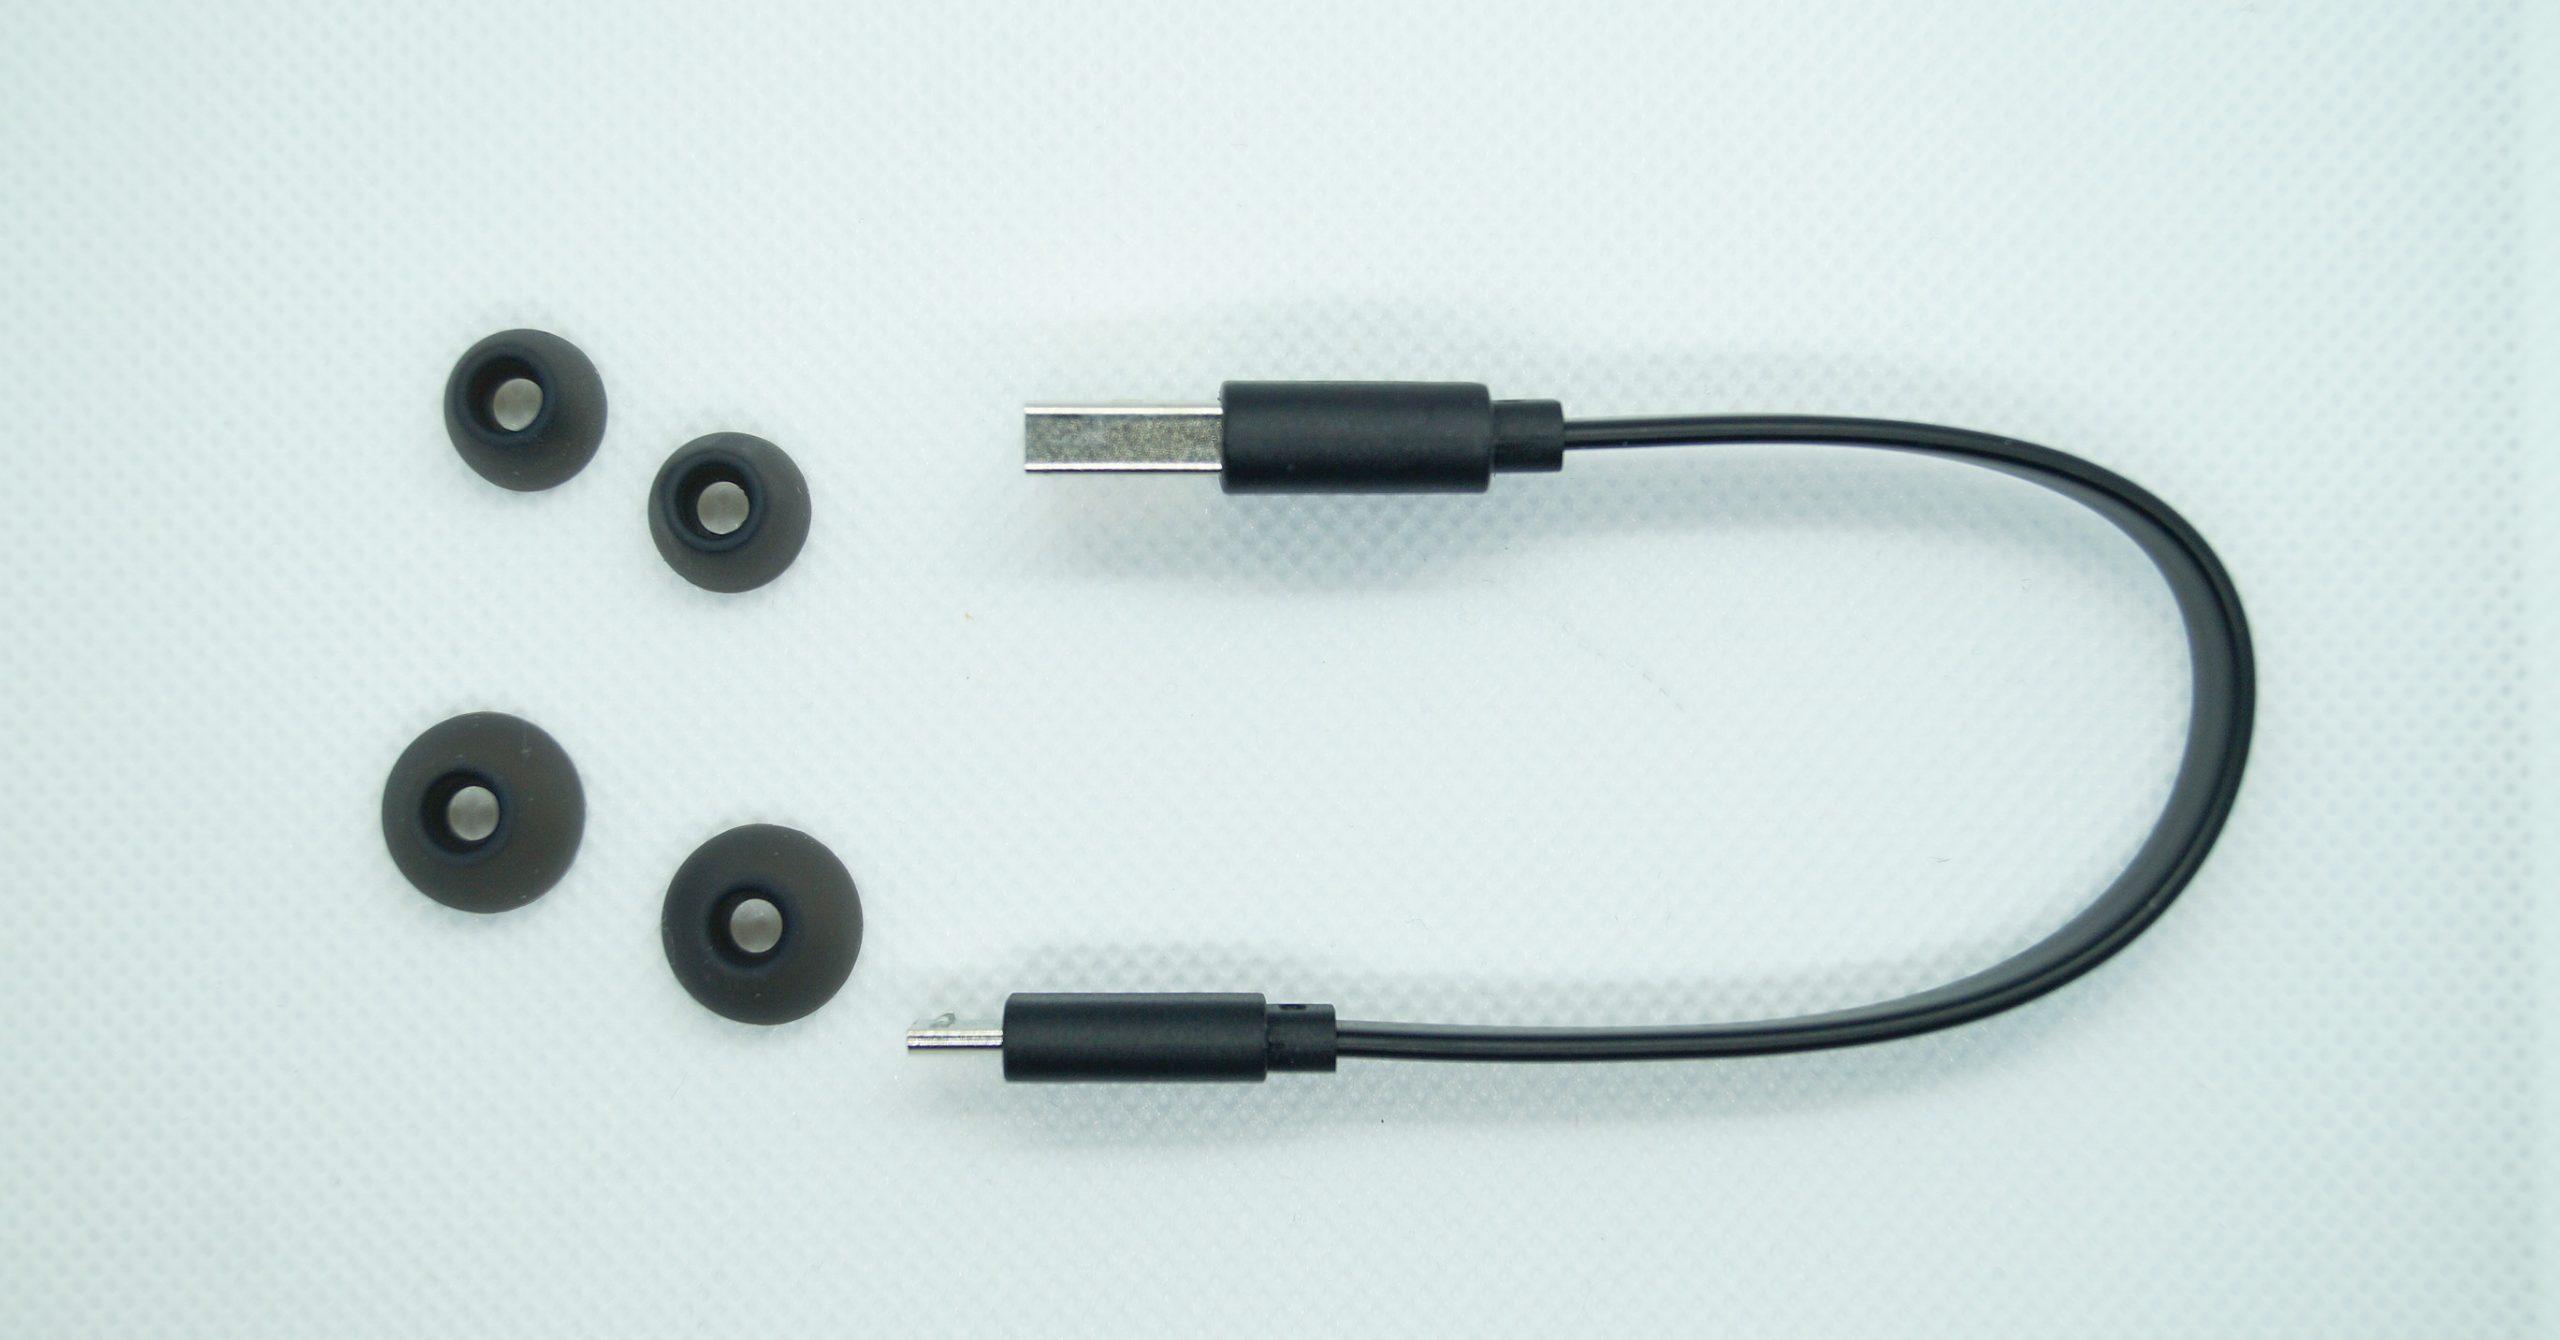 iTeknic Bluetooth kopfhörer Test Lieferumfang ausgepackt